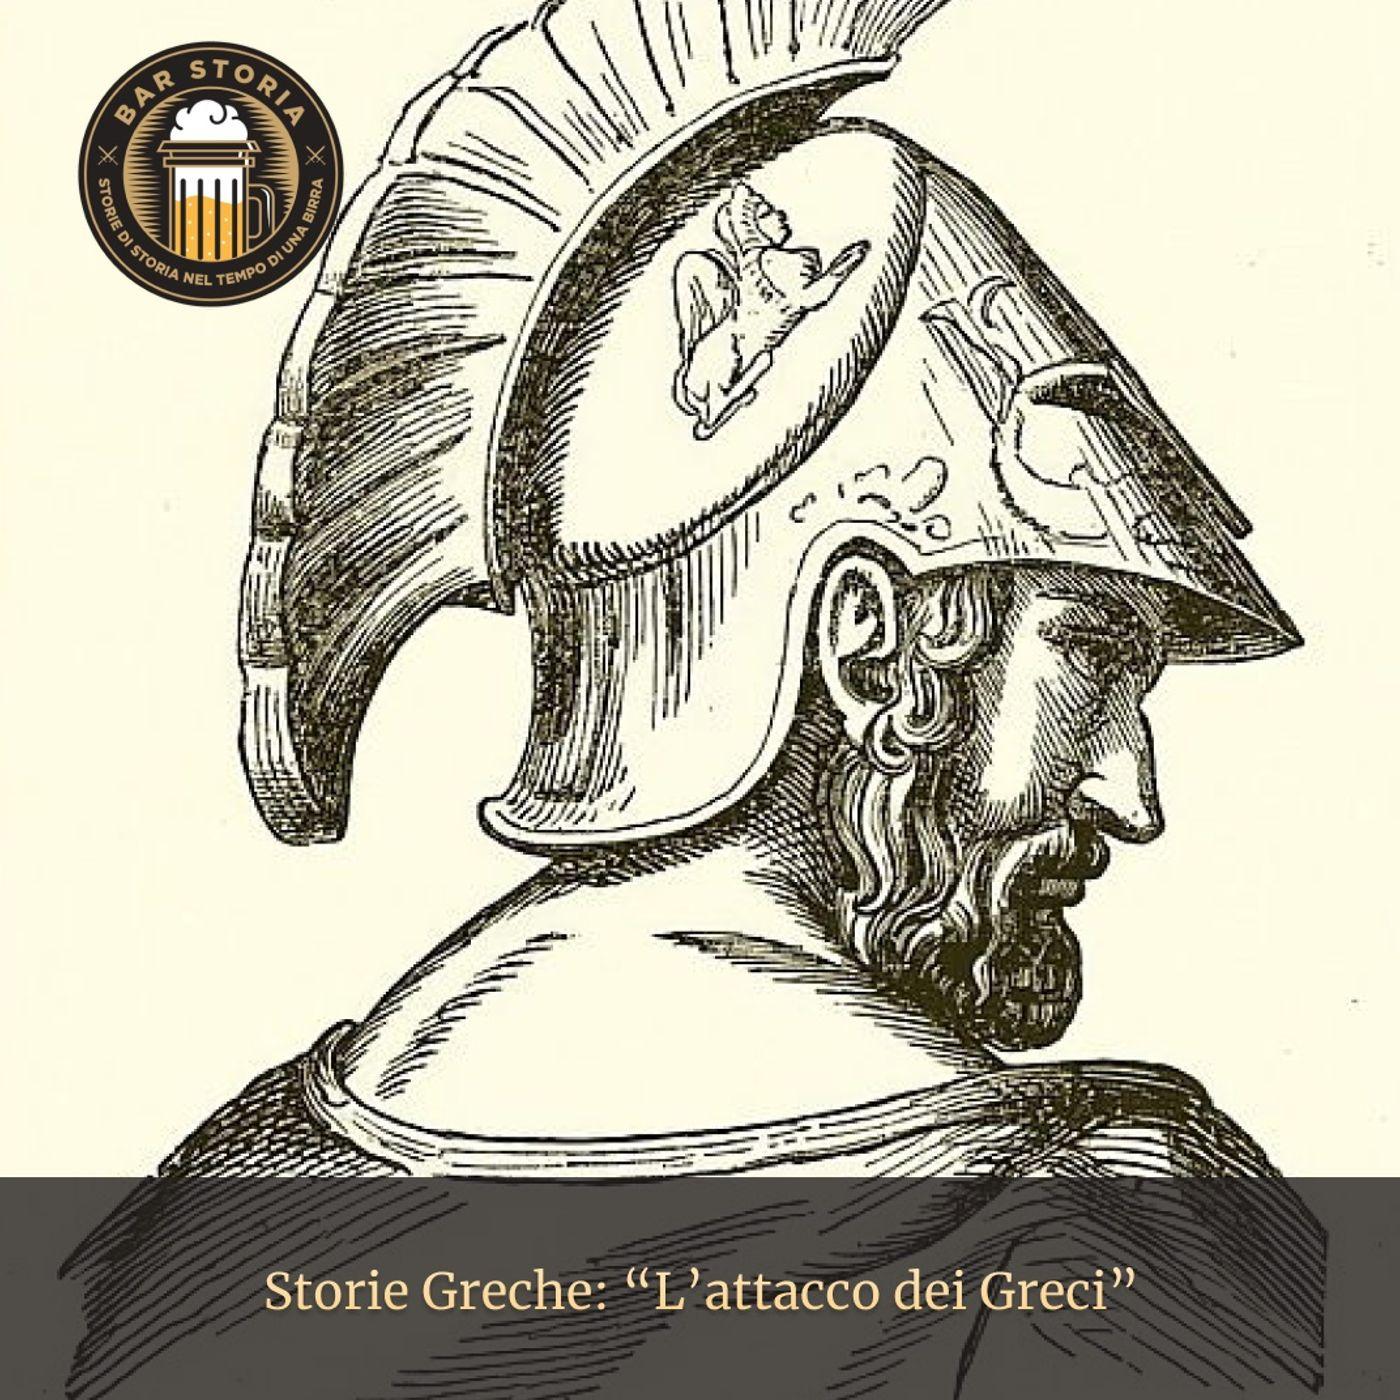 Storie Greche - L'attacco dei Greci